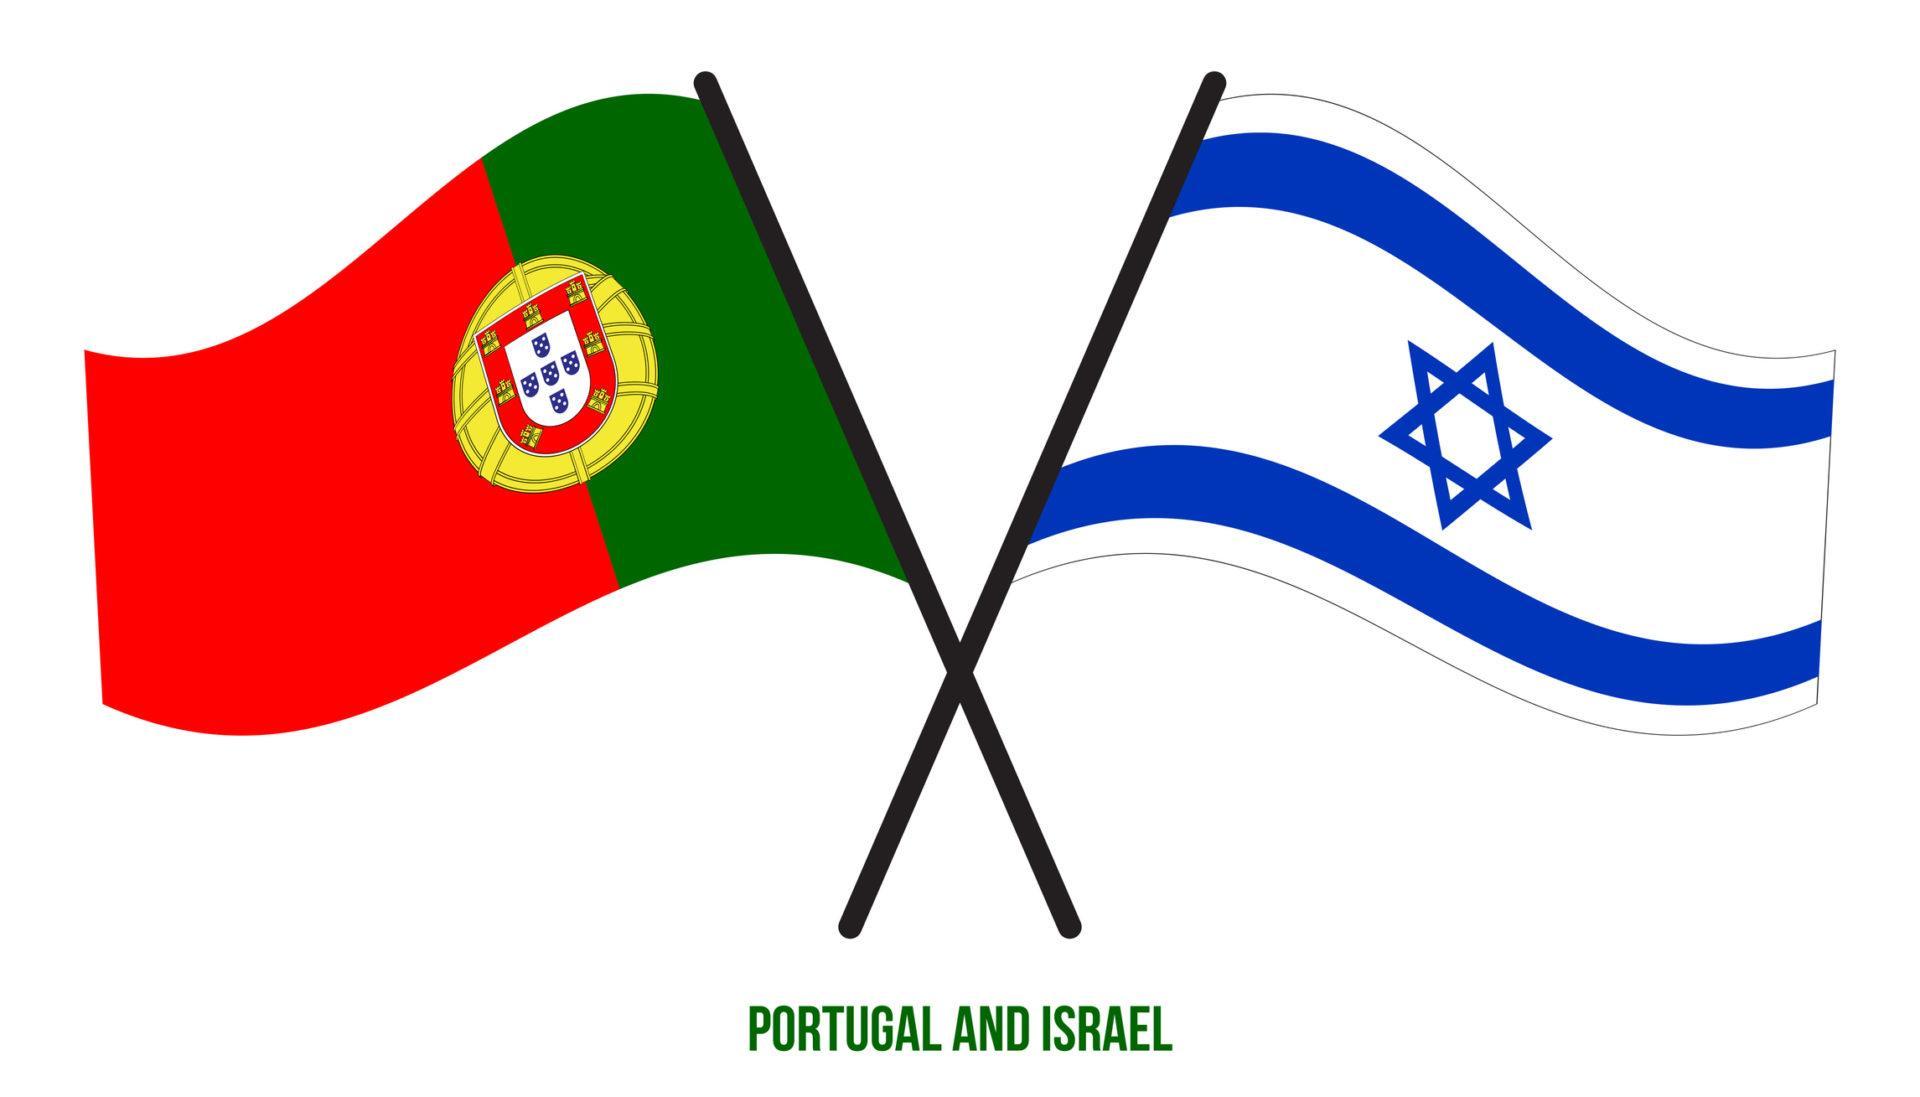 יוקר המחיה תל אביב ישראל מול פורטוגל ליסבון